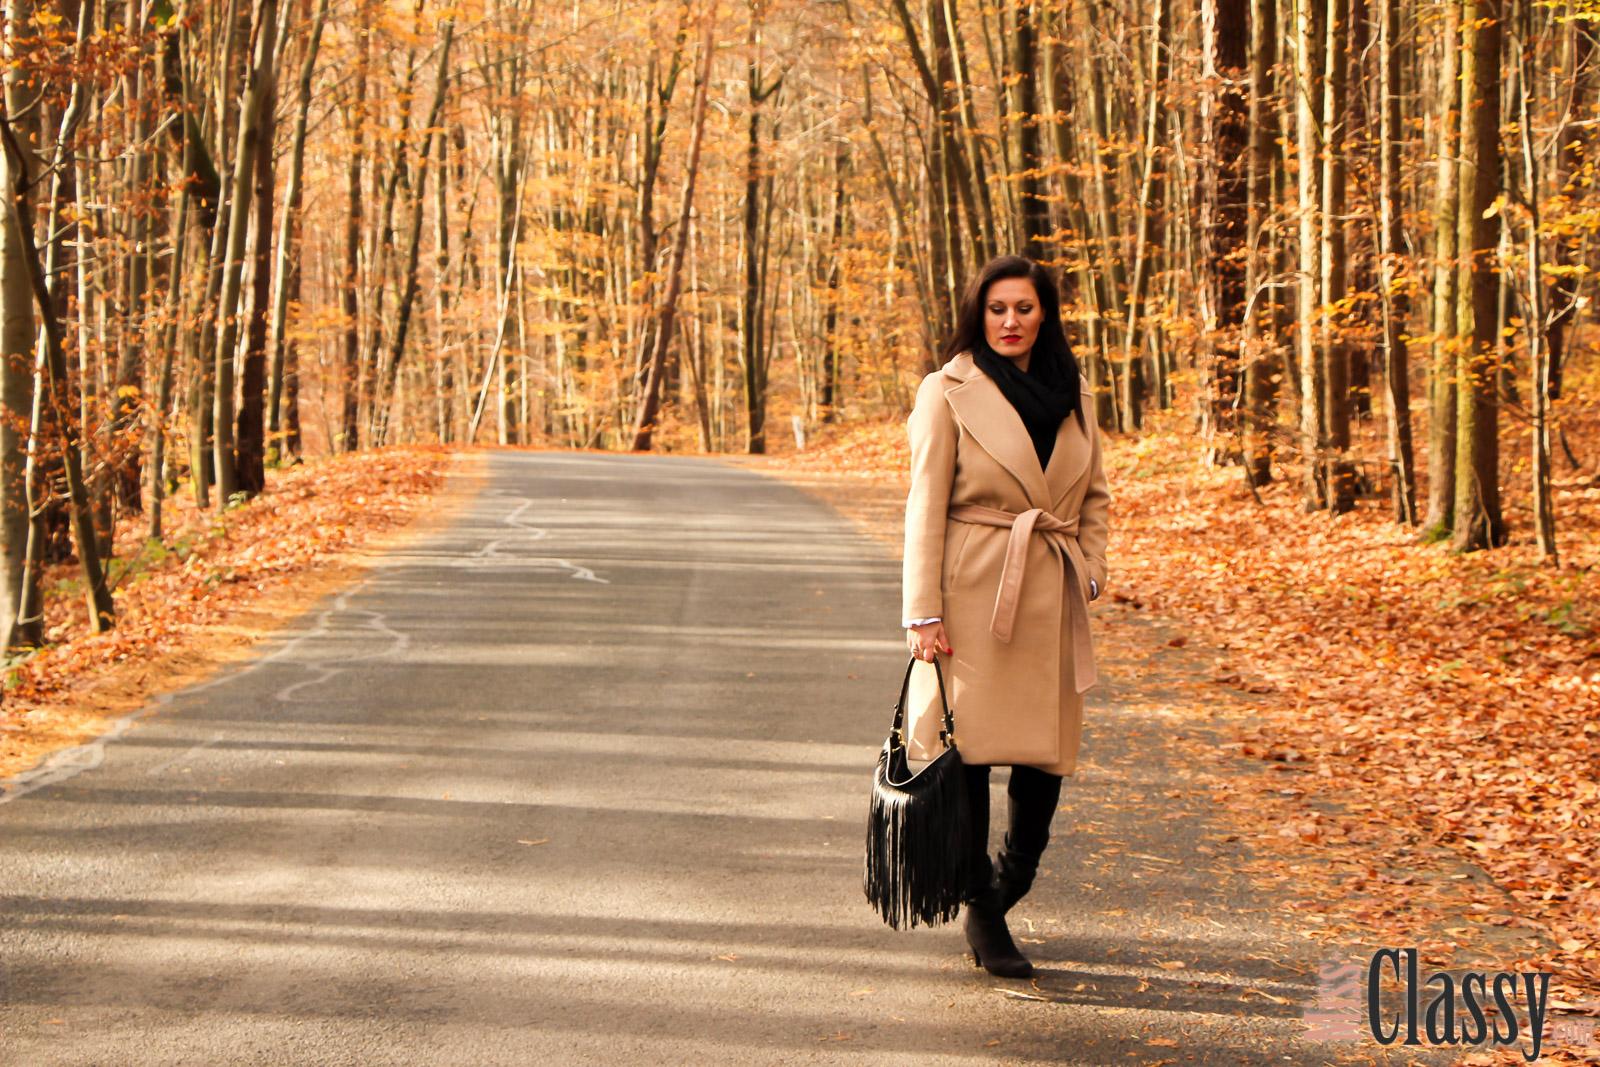 OUTFIT: Wollmantel - Trendiger Camel Coat, Miss Classy, classy, beclassy, Fashionblog, Fashionblogger, Graz, Austria, Bluse, Fransentasche, Schal, Stieletten, Herbst, Herbststimmung, bunte Blätter, Loipersdorf, Steiermark